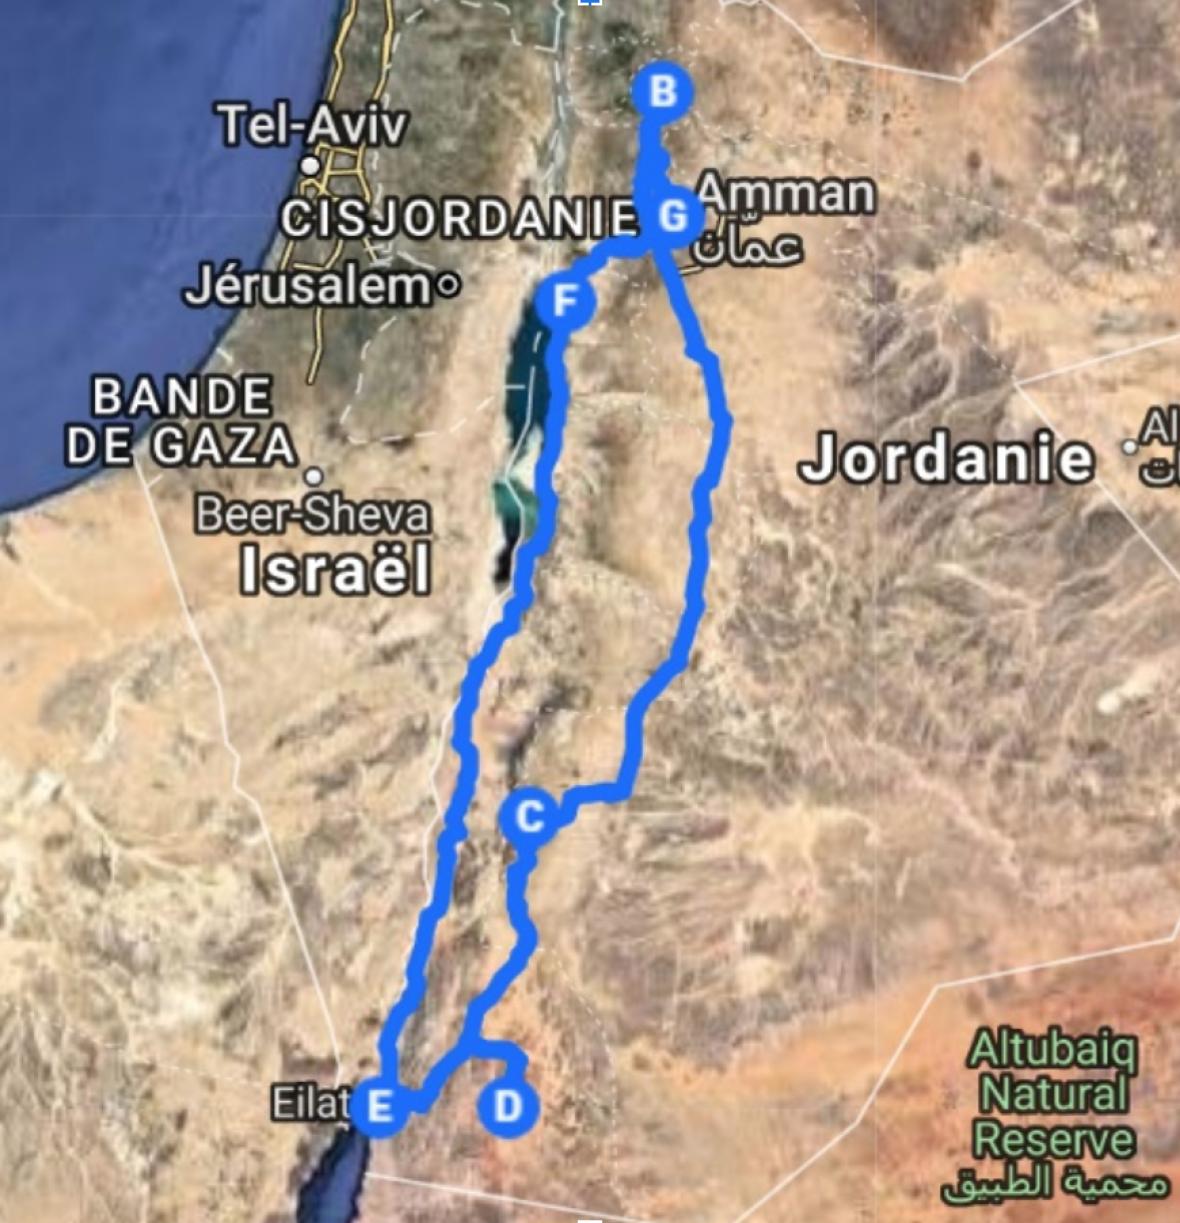 carte itinéraire voyage jordanie